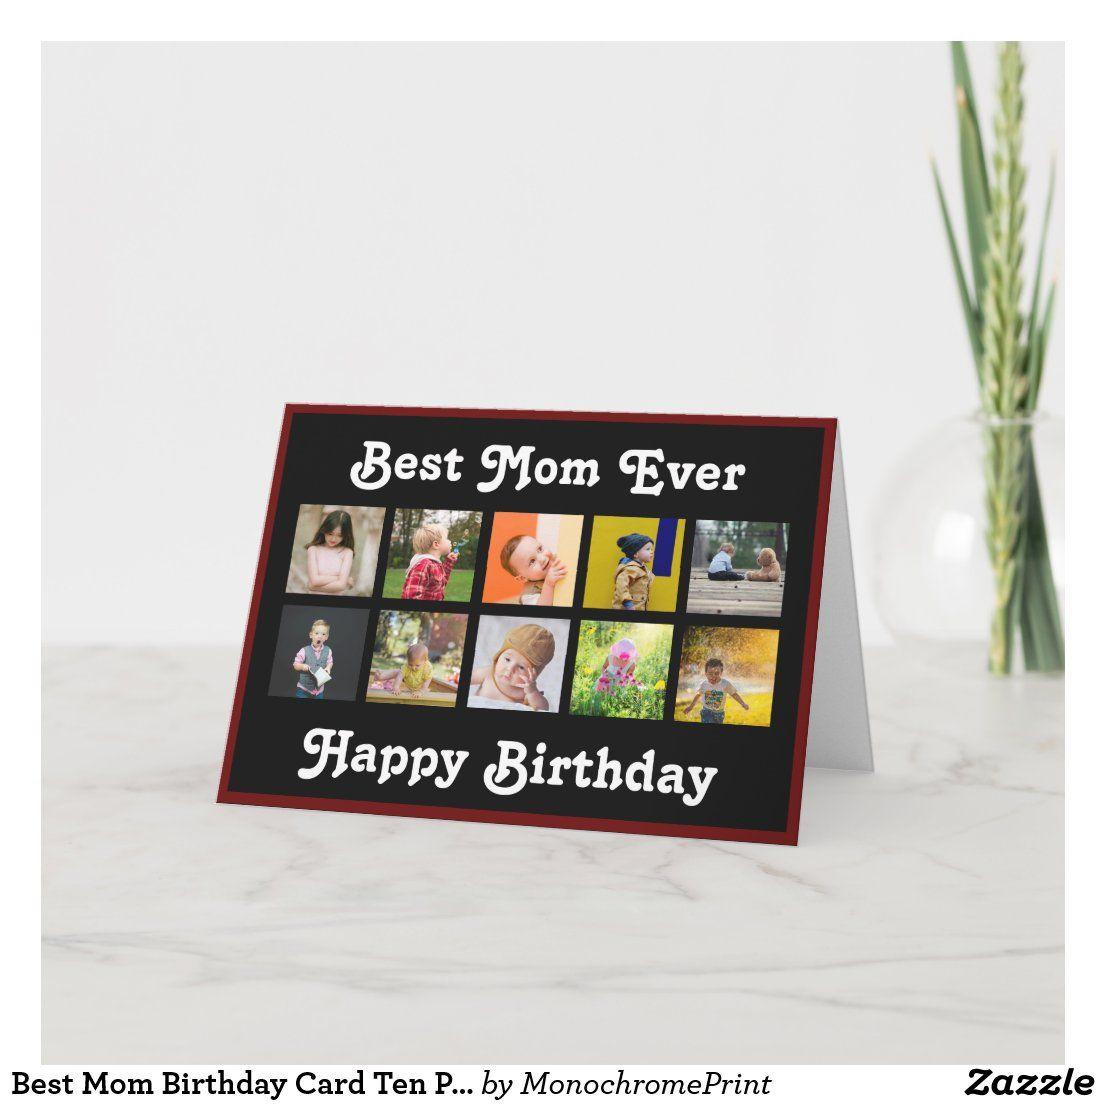 Best Mom Birthday Card Ten Photo Collage Template Zazzle Com Birthday Photo Collage Birthday Cards For Mom Photo Collage Template